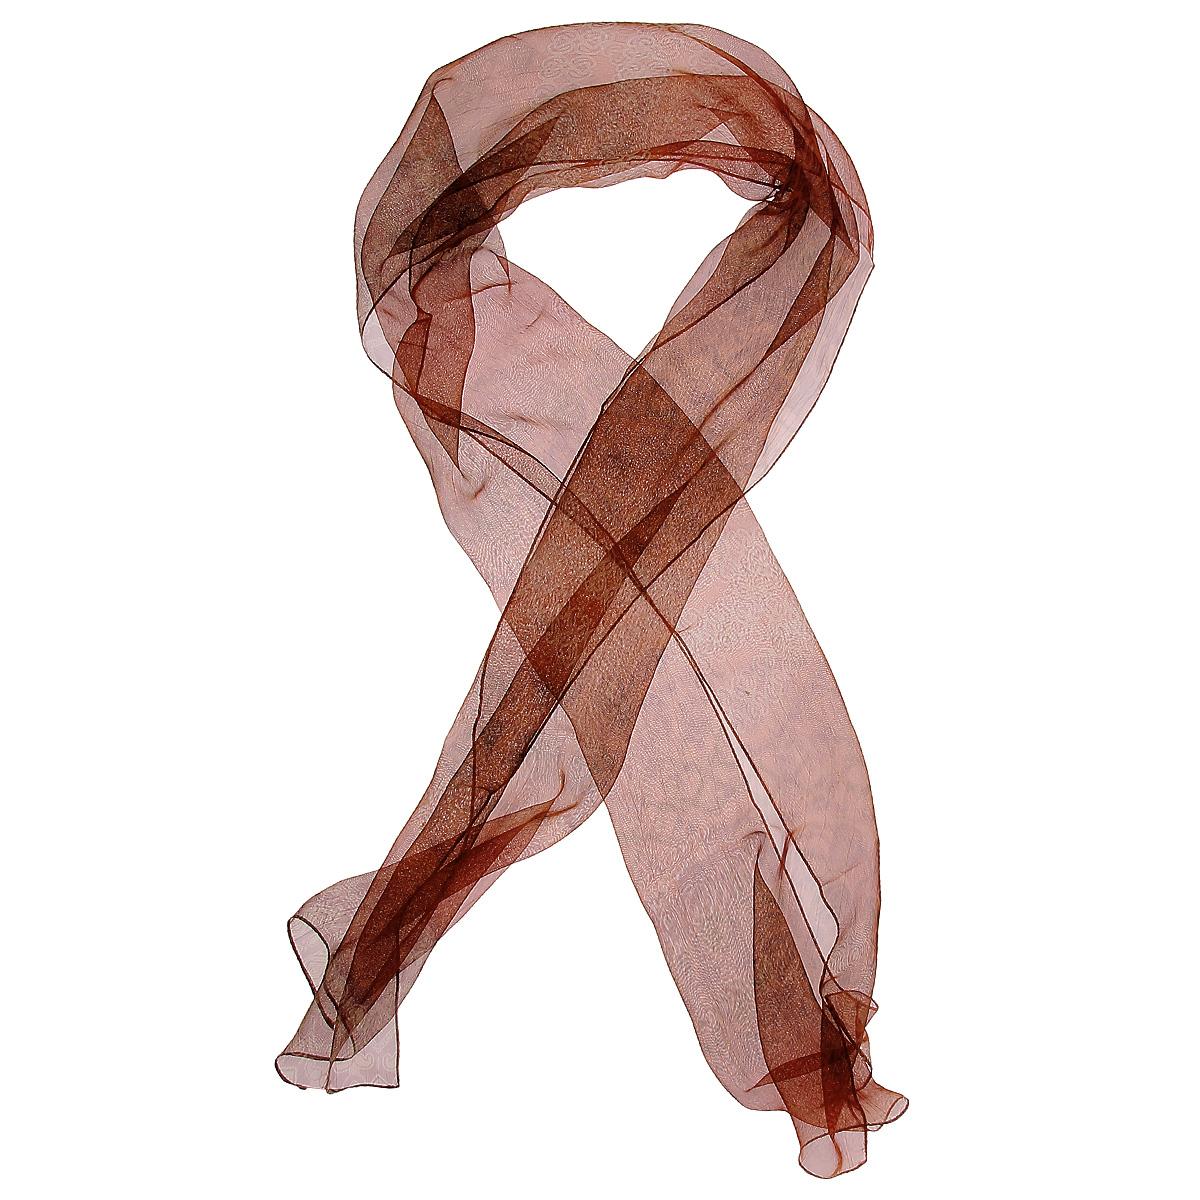 Шарф женский. 41010524101052Элегантный шарф с орнаментом, выполненный из полиэстера, станет изысканным, нарядным аксессуаром, который призван подчеркнуть индивидуальность и очарование женщины. Стильный шарф сделает ваш образ завершенным!